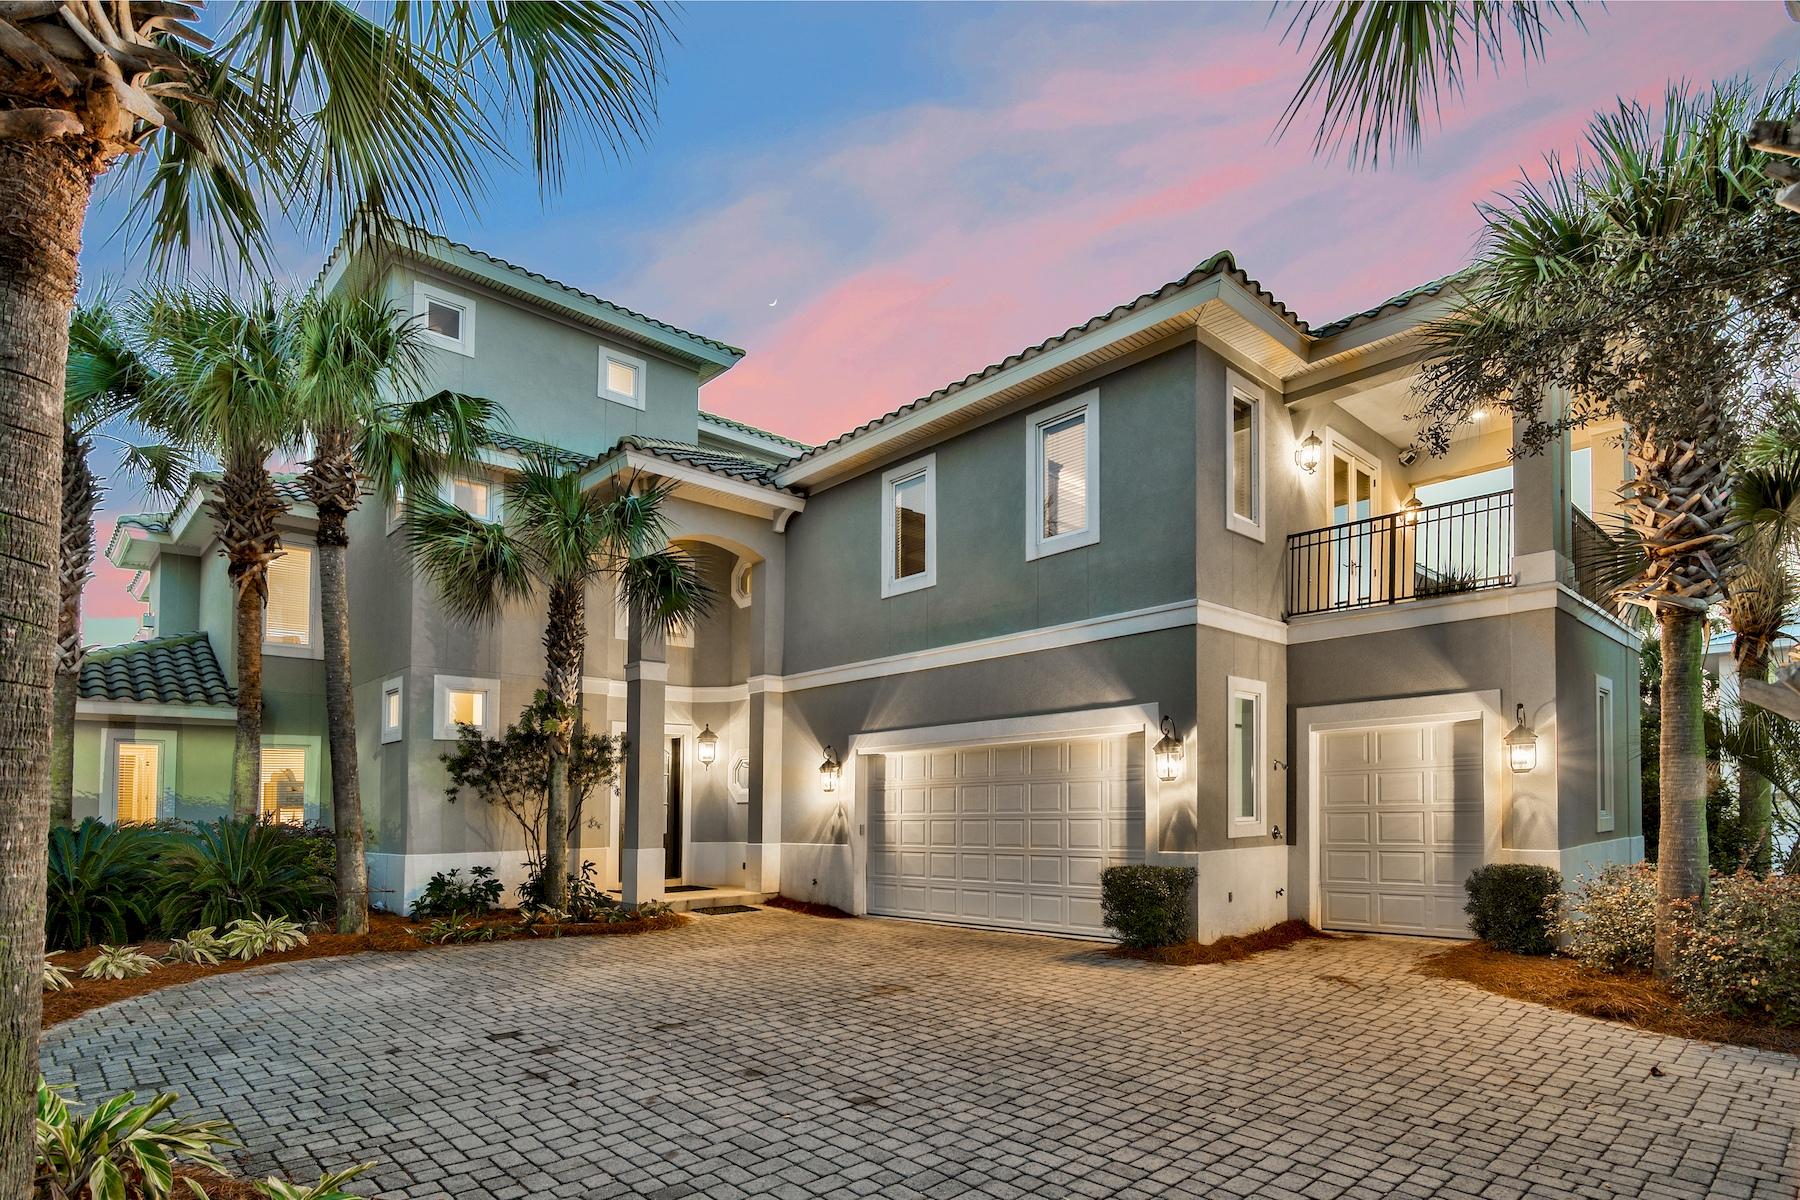 단독 가정 주택 용 매매 에 Rental Machine in Gated Community with Gulf Views 52 Tranquility Lane, Destin, 플로리다, 32541 미국